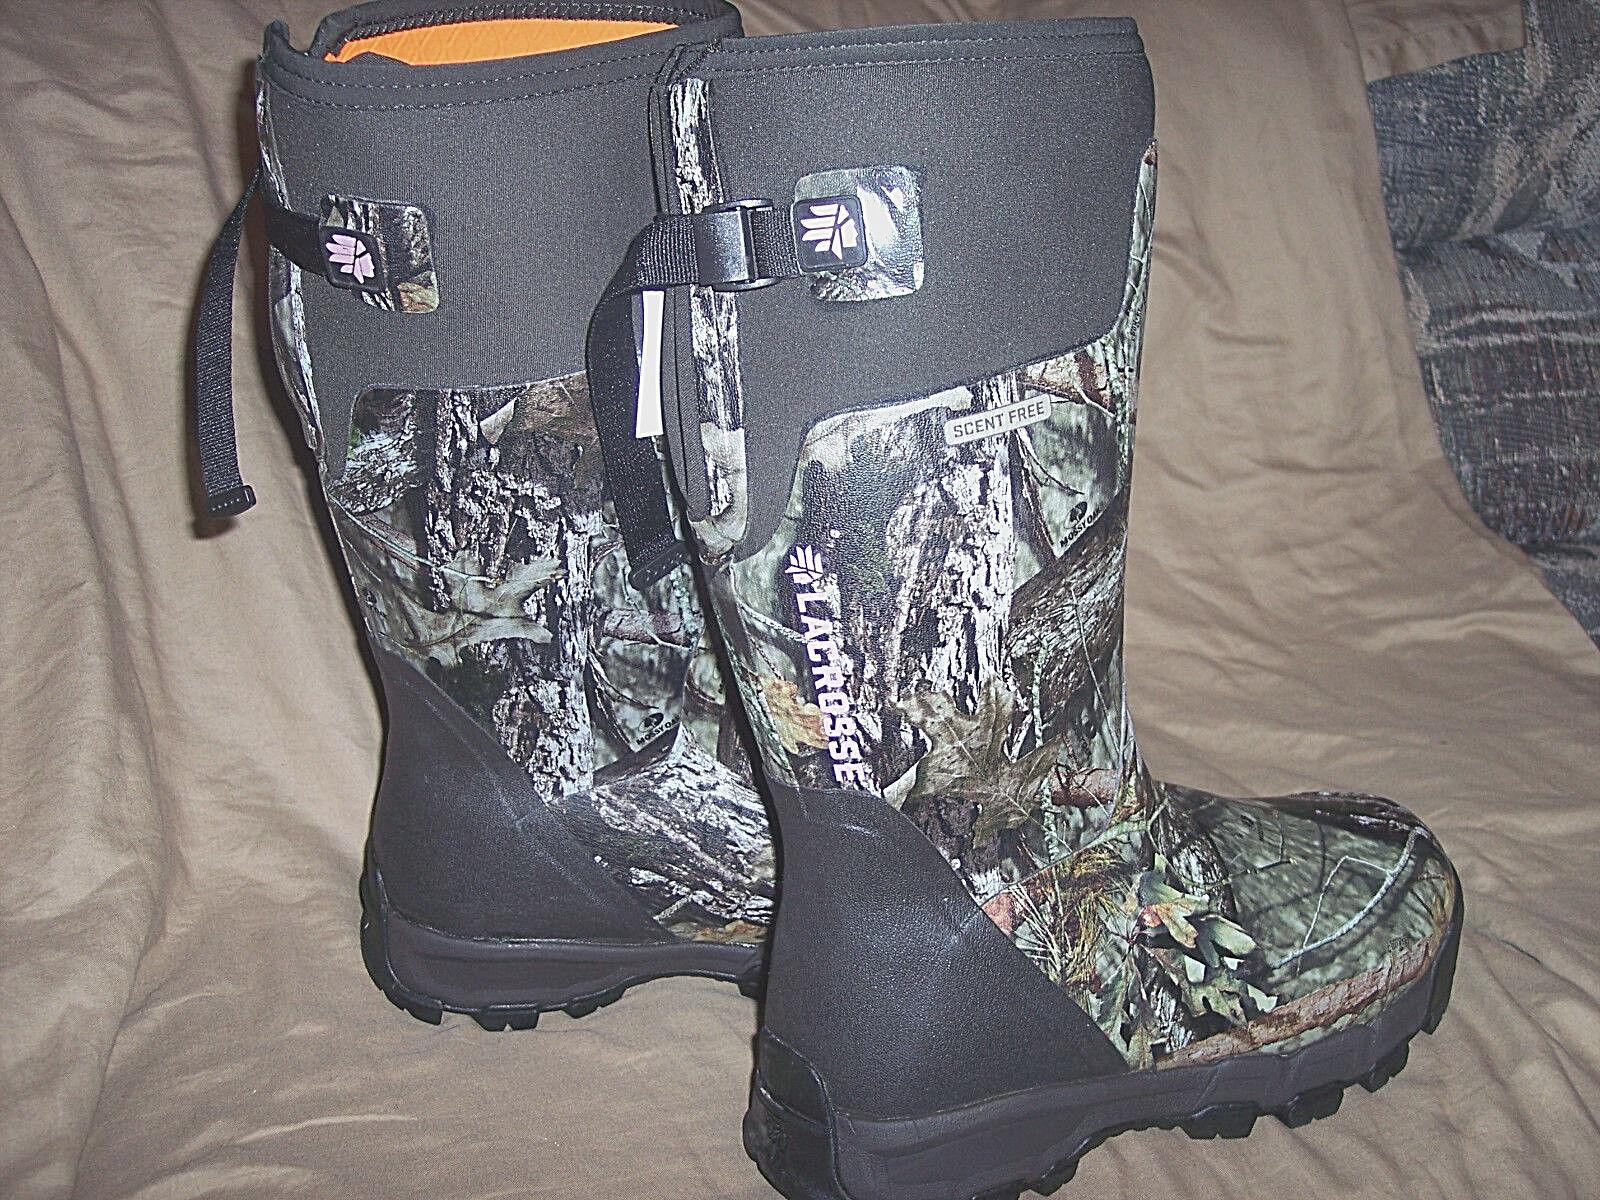 daSie 11 JagdStiefel Isolierte Schneeschuhe wasserdichte LaCrosse Rubber Stiefel